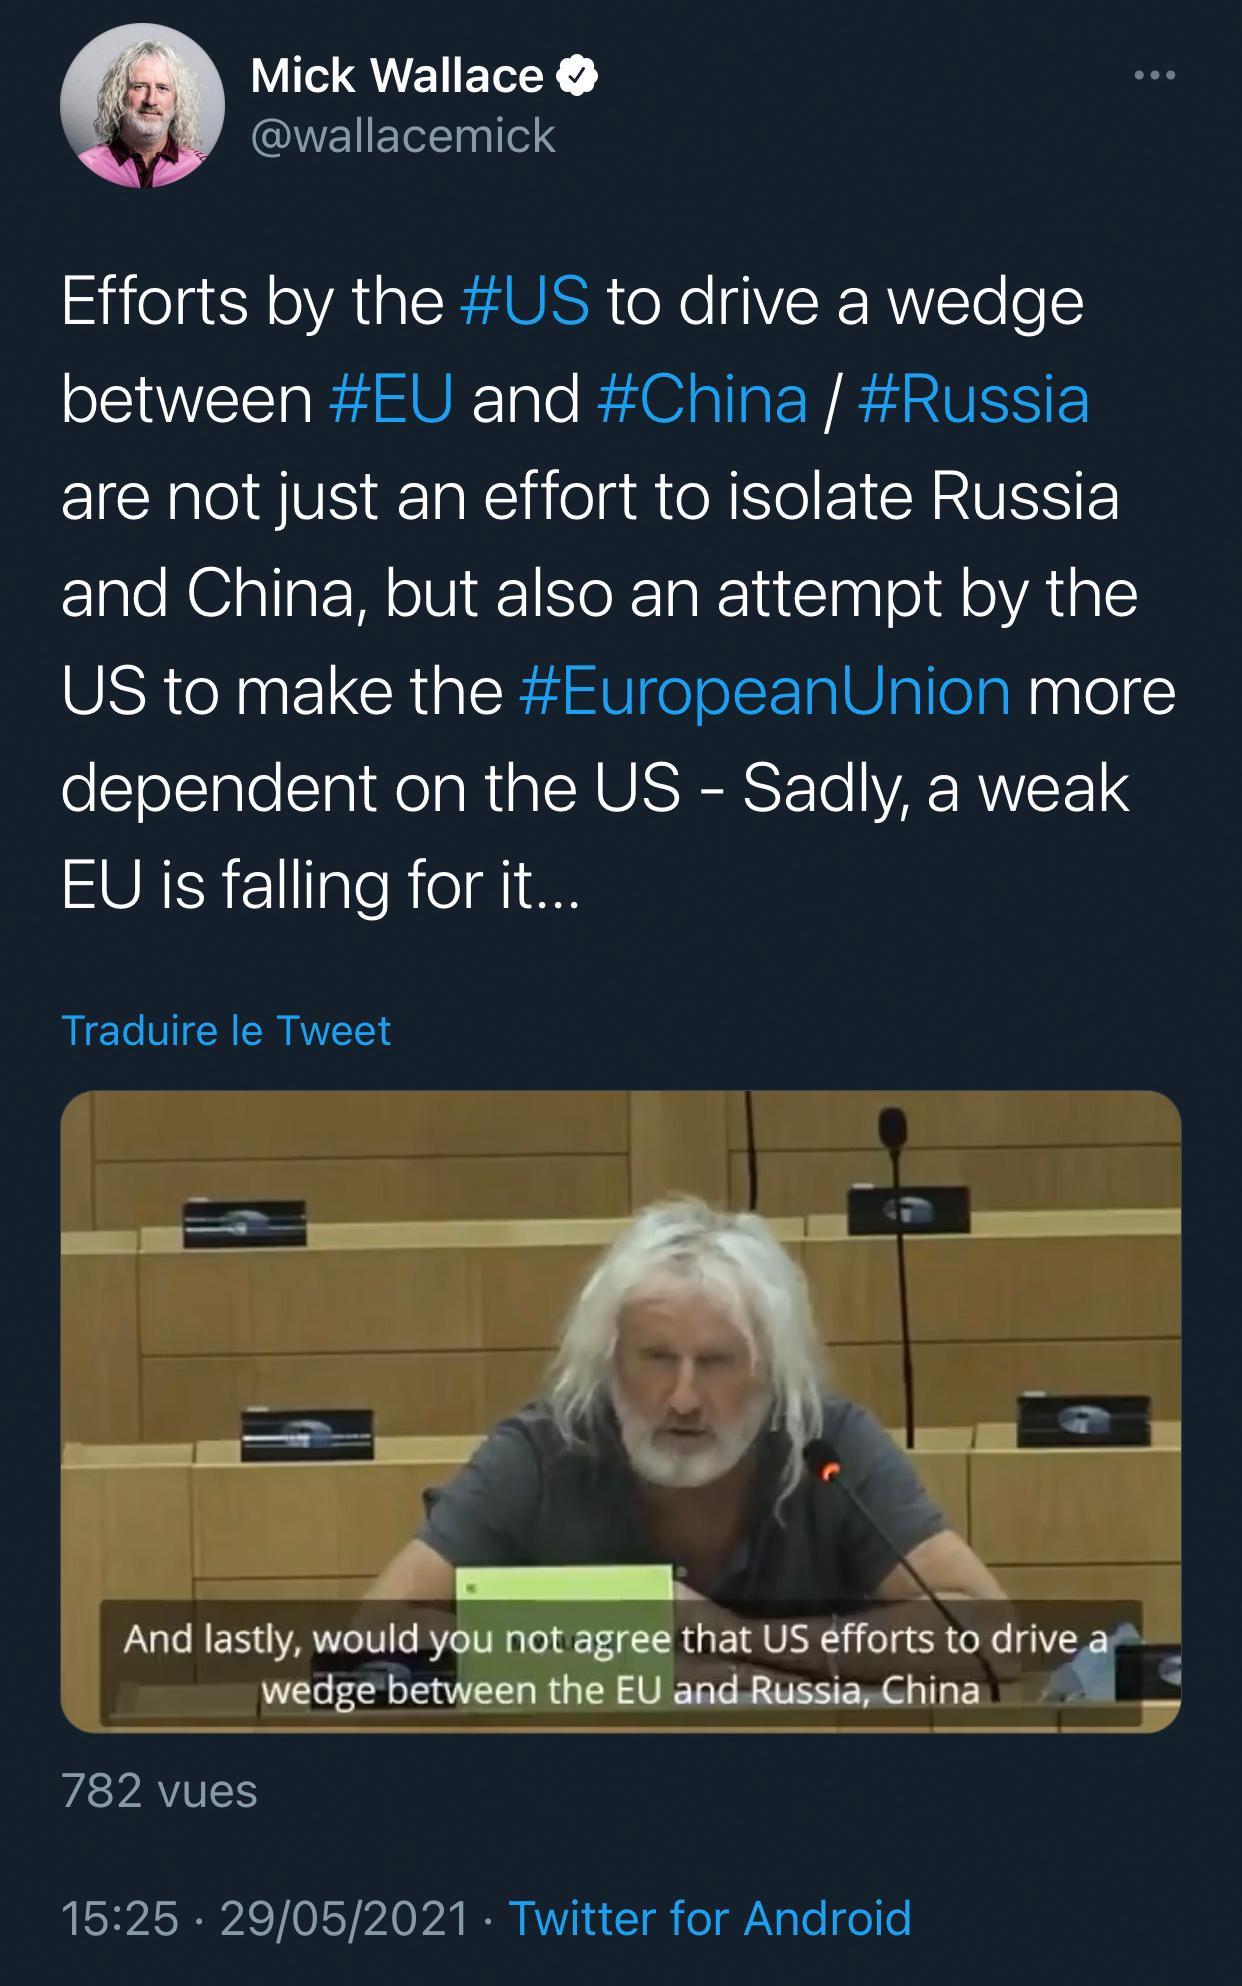 欧洲议会议员呼吁欧盟在对华关系上保持独立